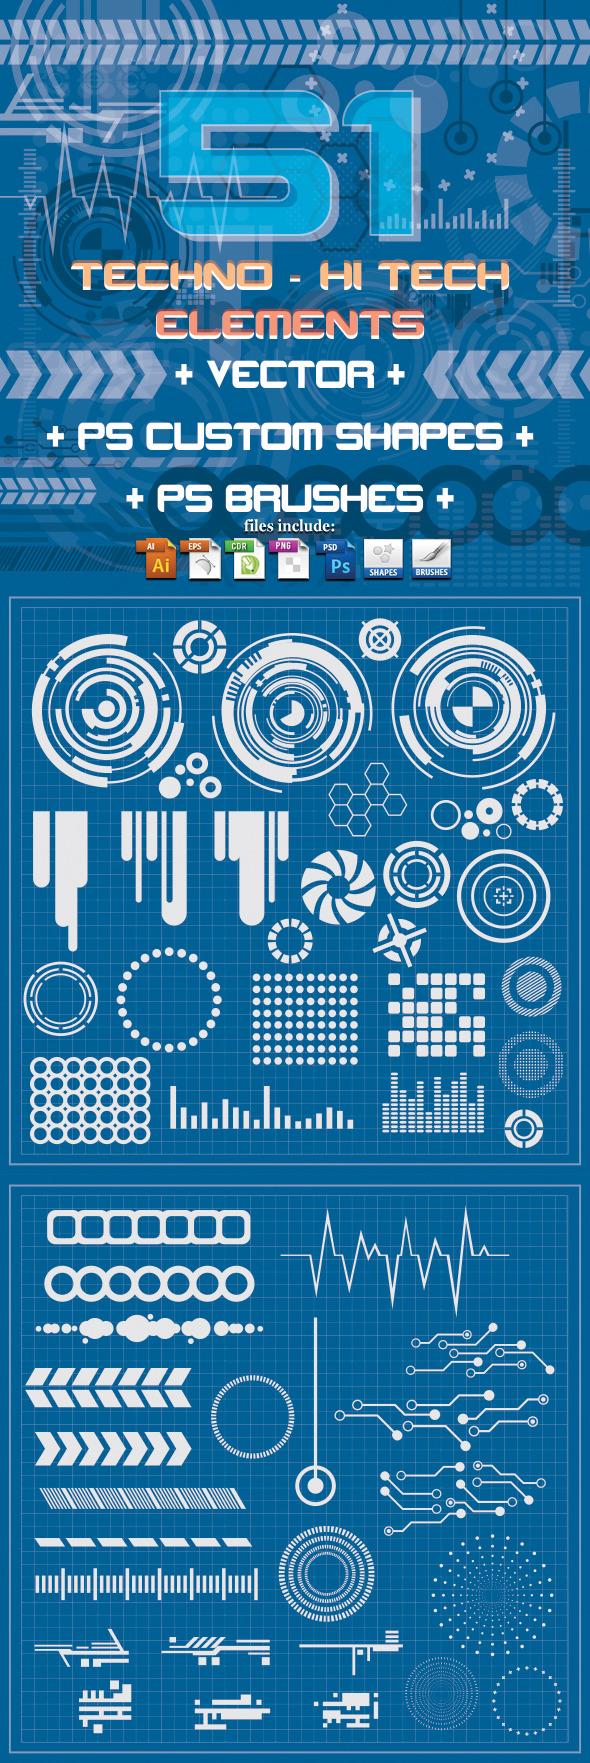 51 Techno & Hi Tech Elements - Symbols Shapes